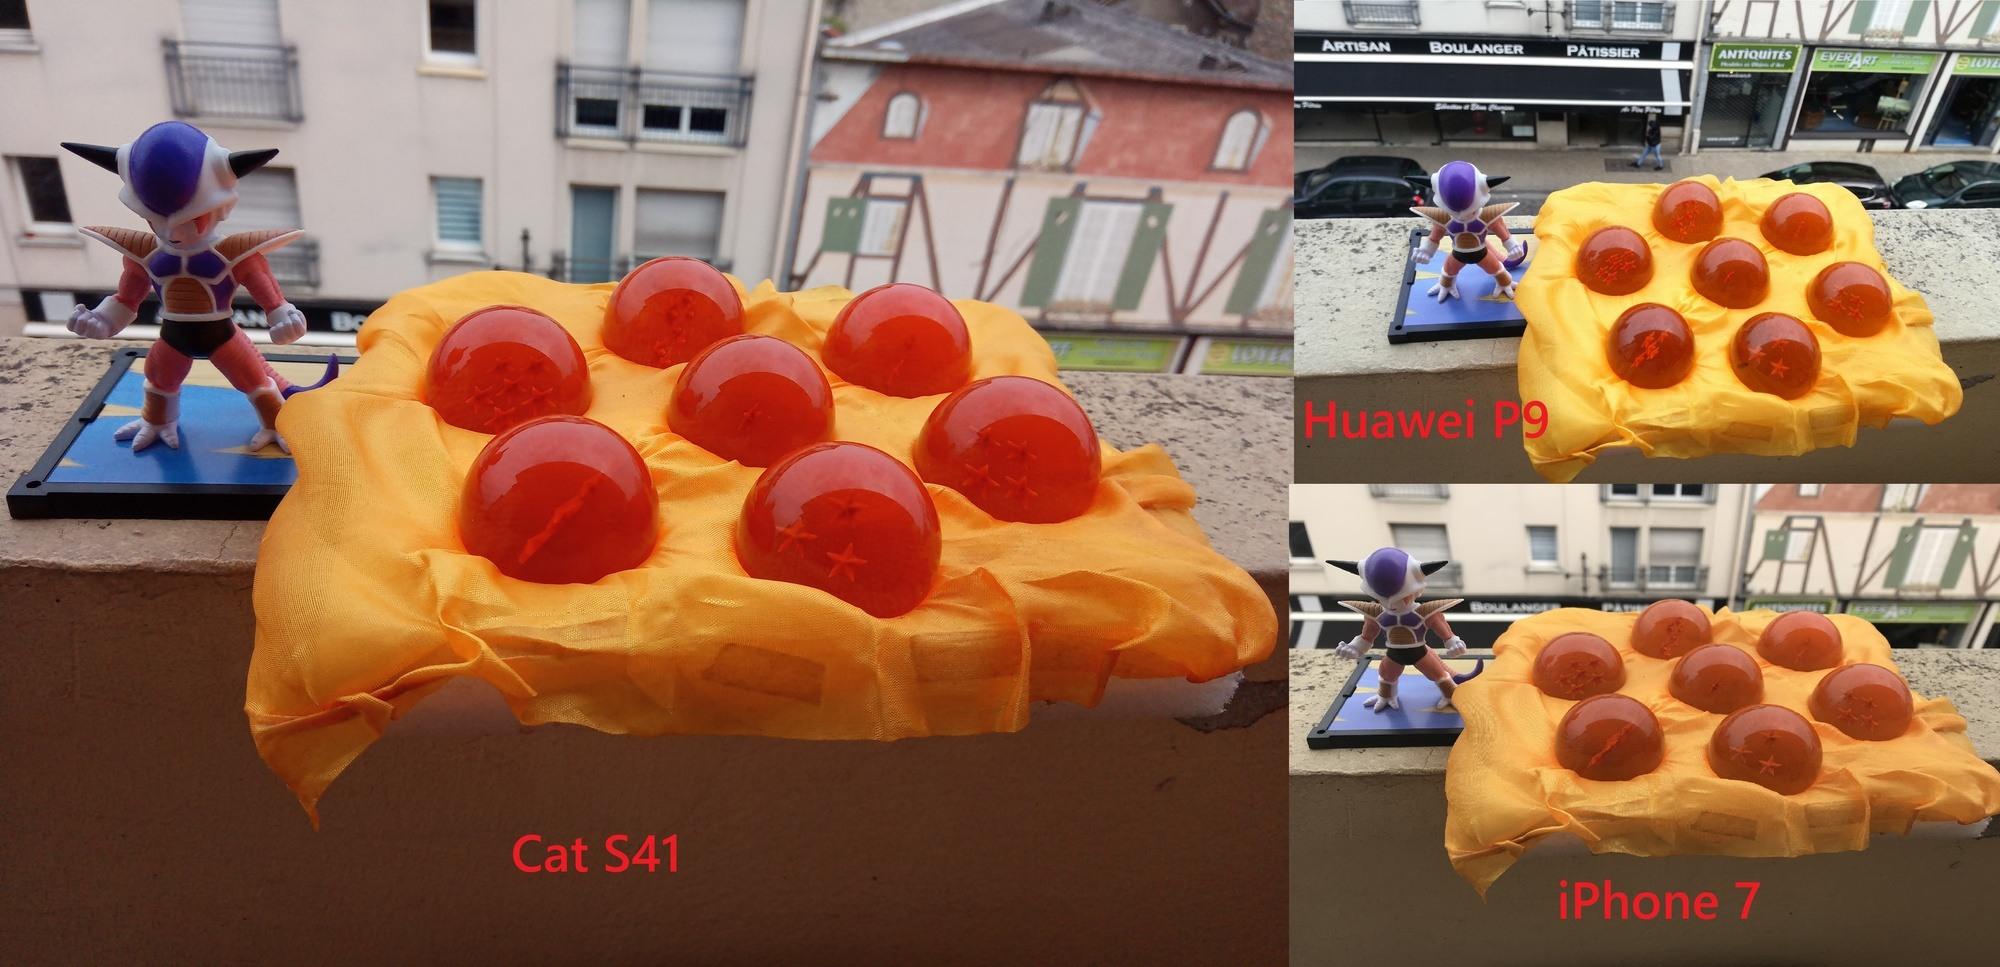 appareil Cat S41